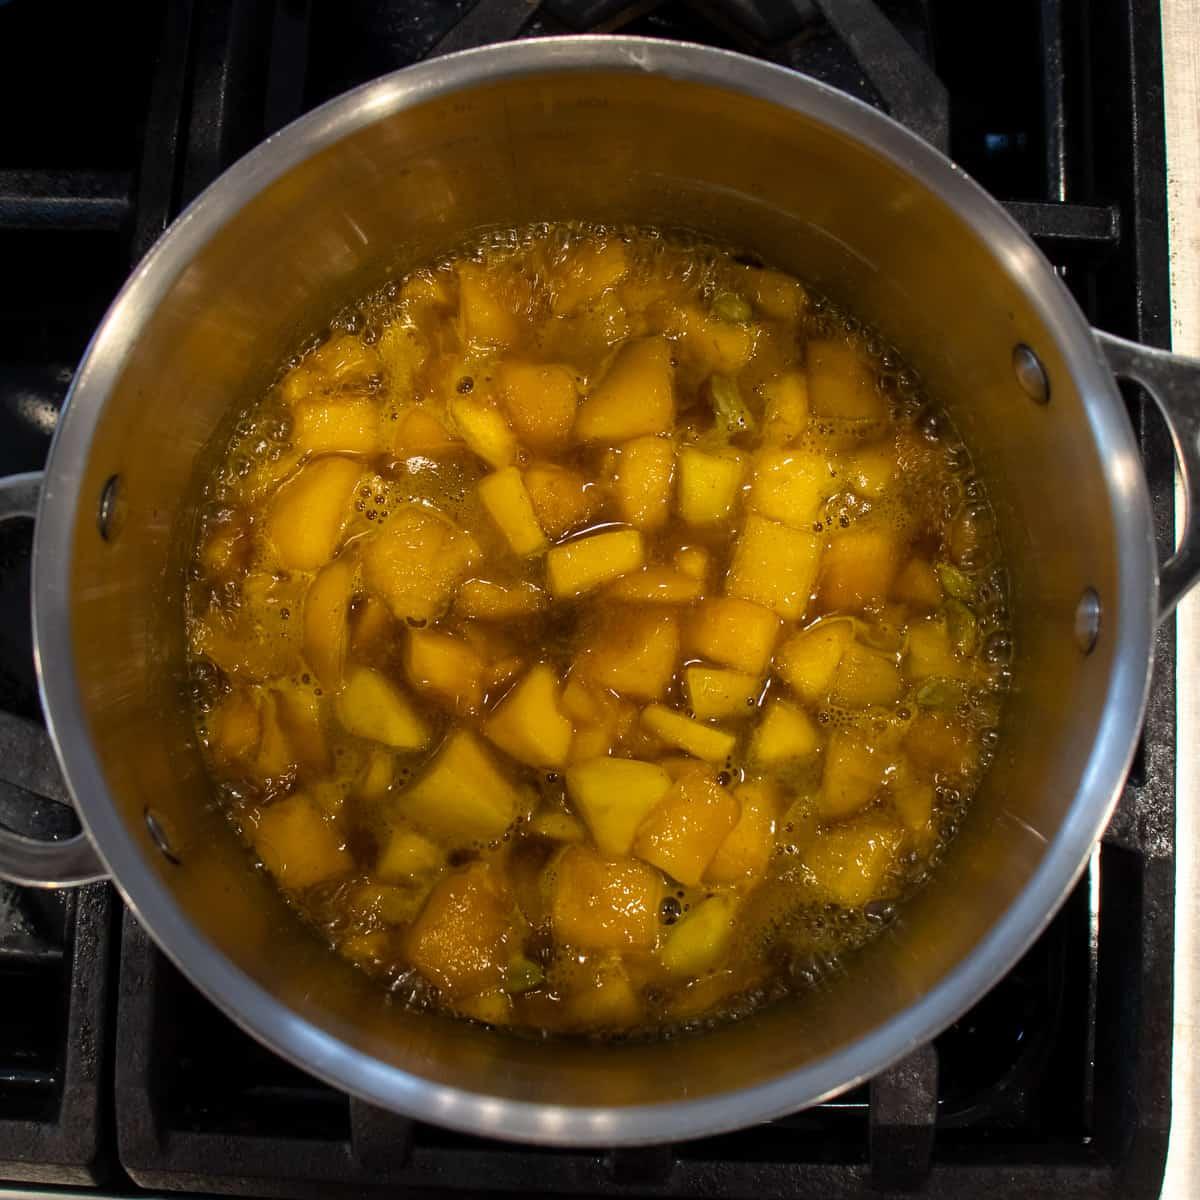 Diced mangos simmering in a saucepan.